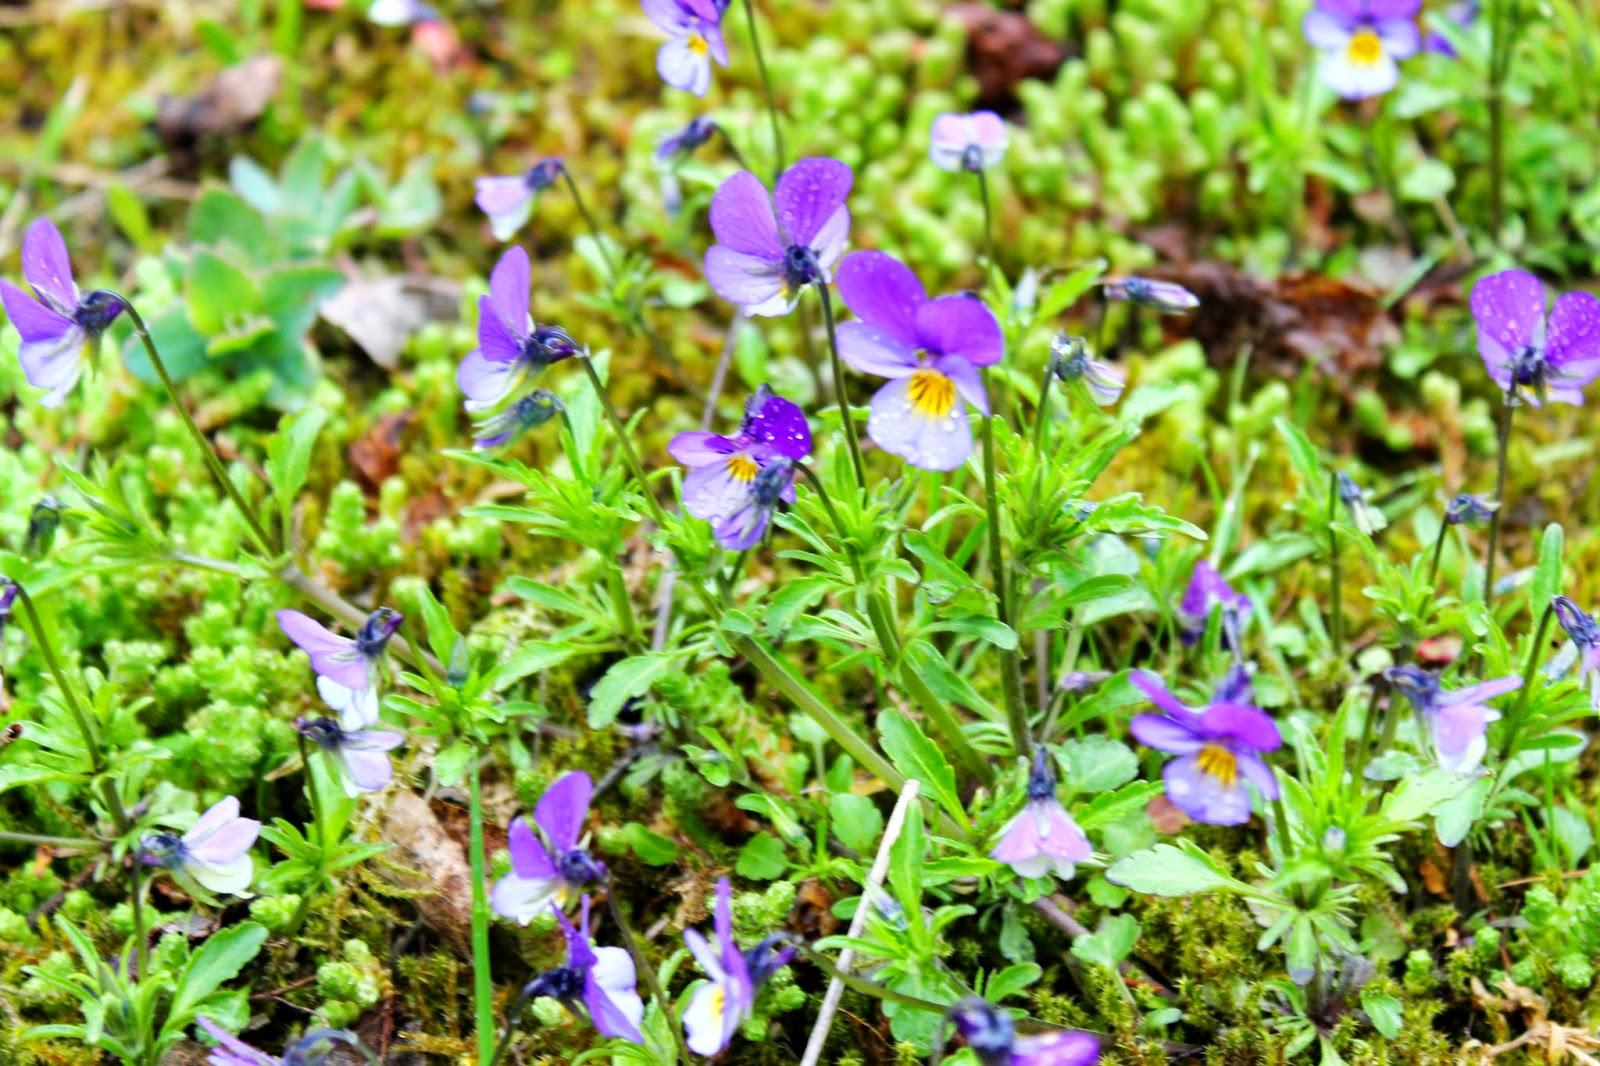 Violets and summer | Alinan kotona blog